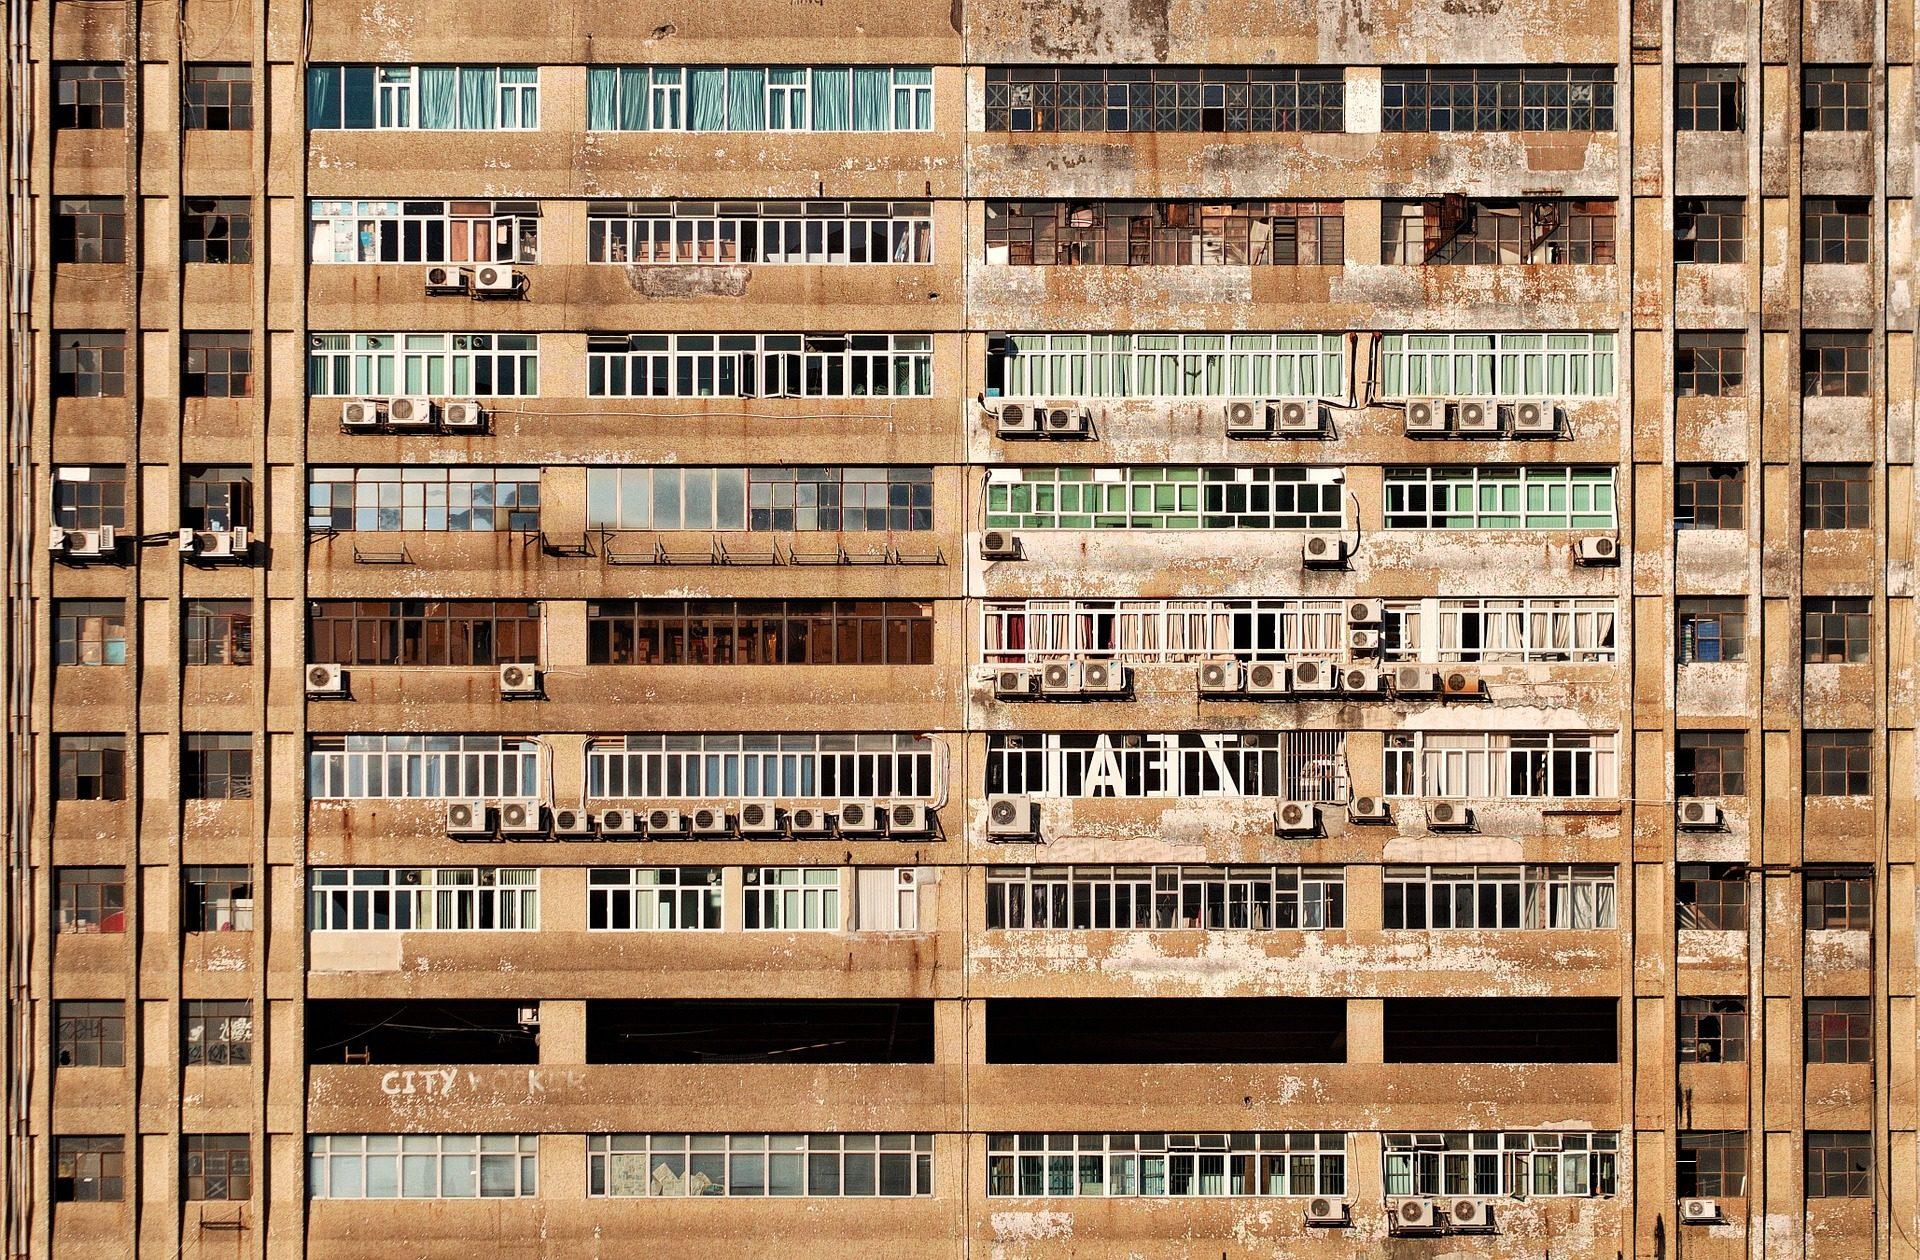 Gebäude, Fassade, Wohnungen, aufgegeben, schmutzige, alt, Klimaanlagen - Wallpaper HD - Prof.-falken.com